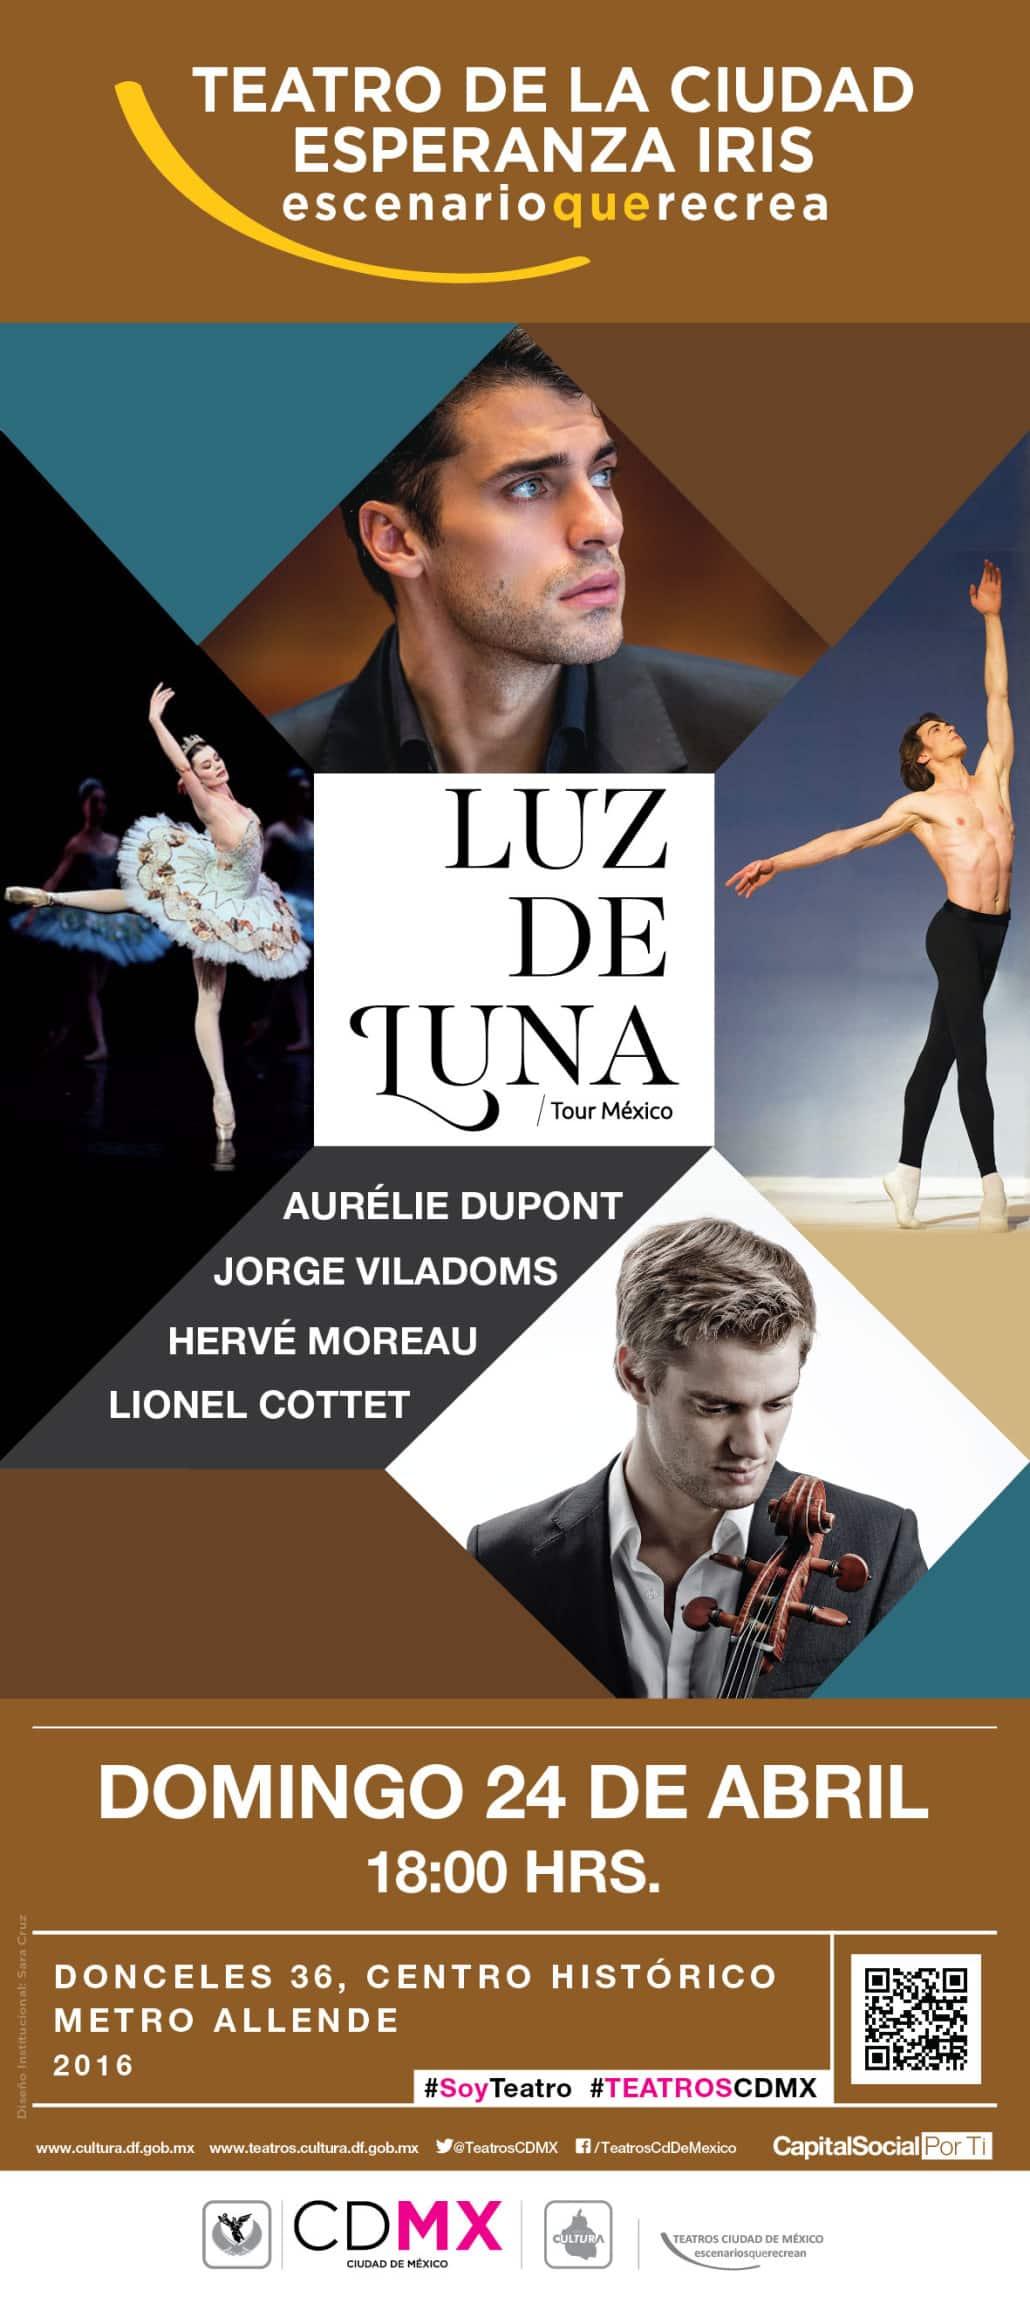 LUZ DE LUNA-ECARD-01 (1)